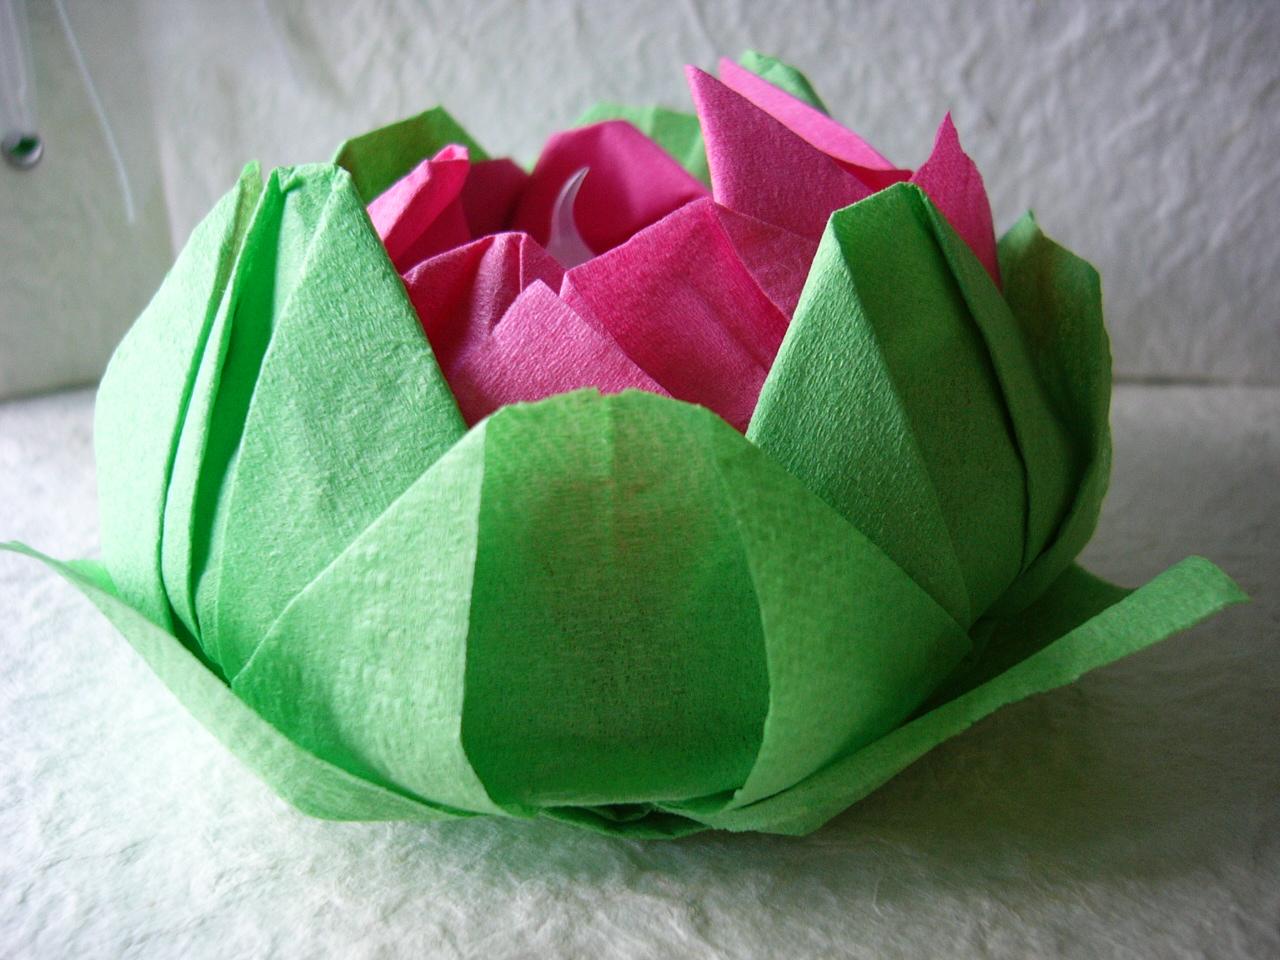 ᐉ цветы из салфеток на ветку своими руками. бумажное искусство: учимся творить цветы из салфеток ✅ igrad.su